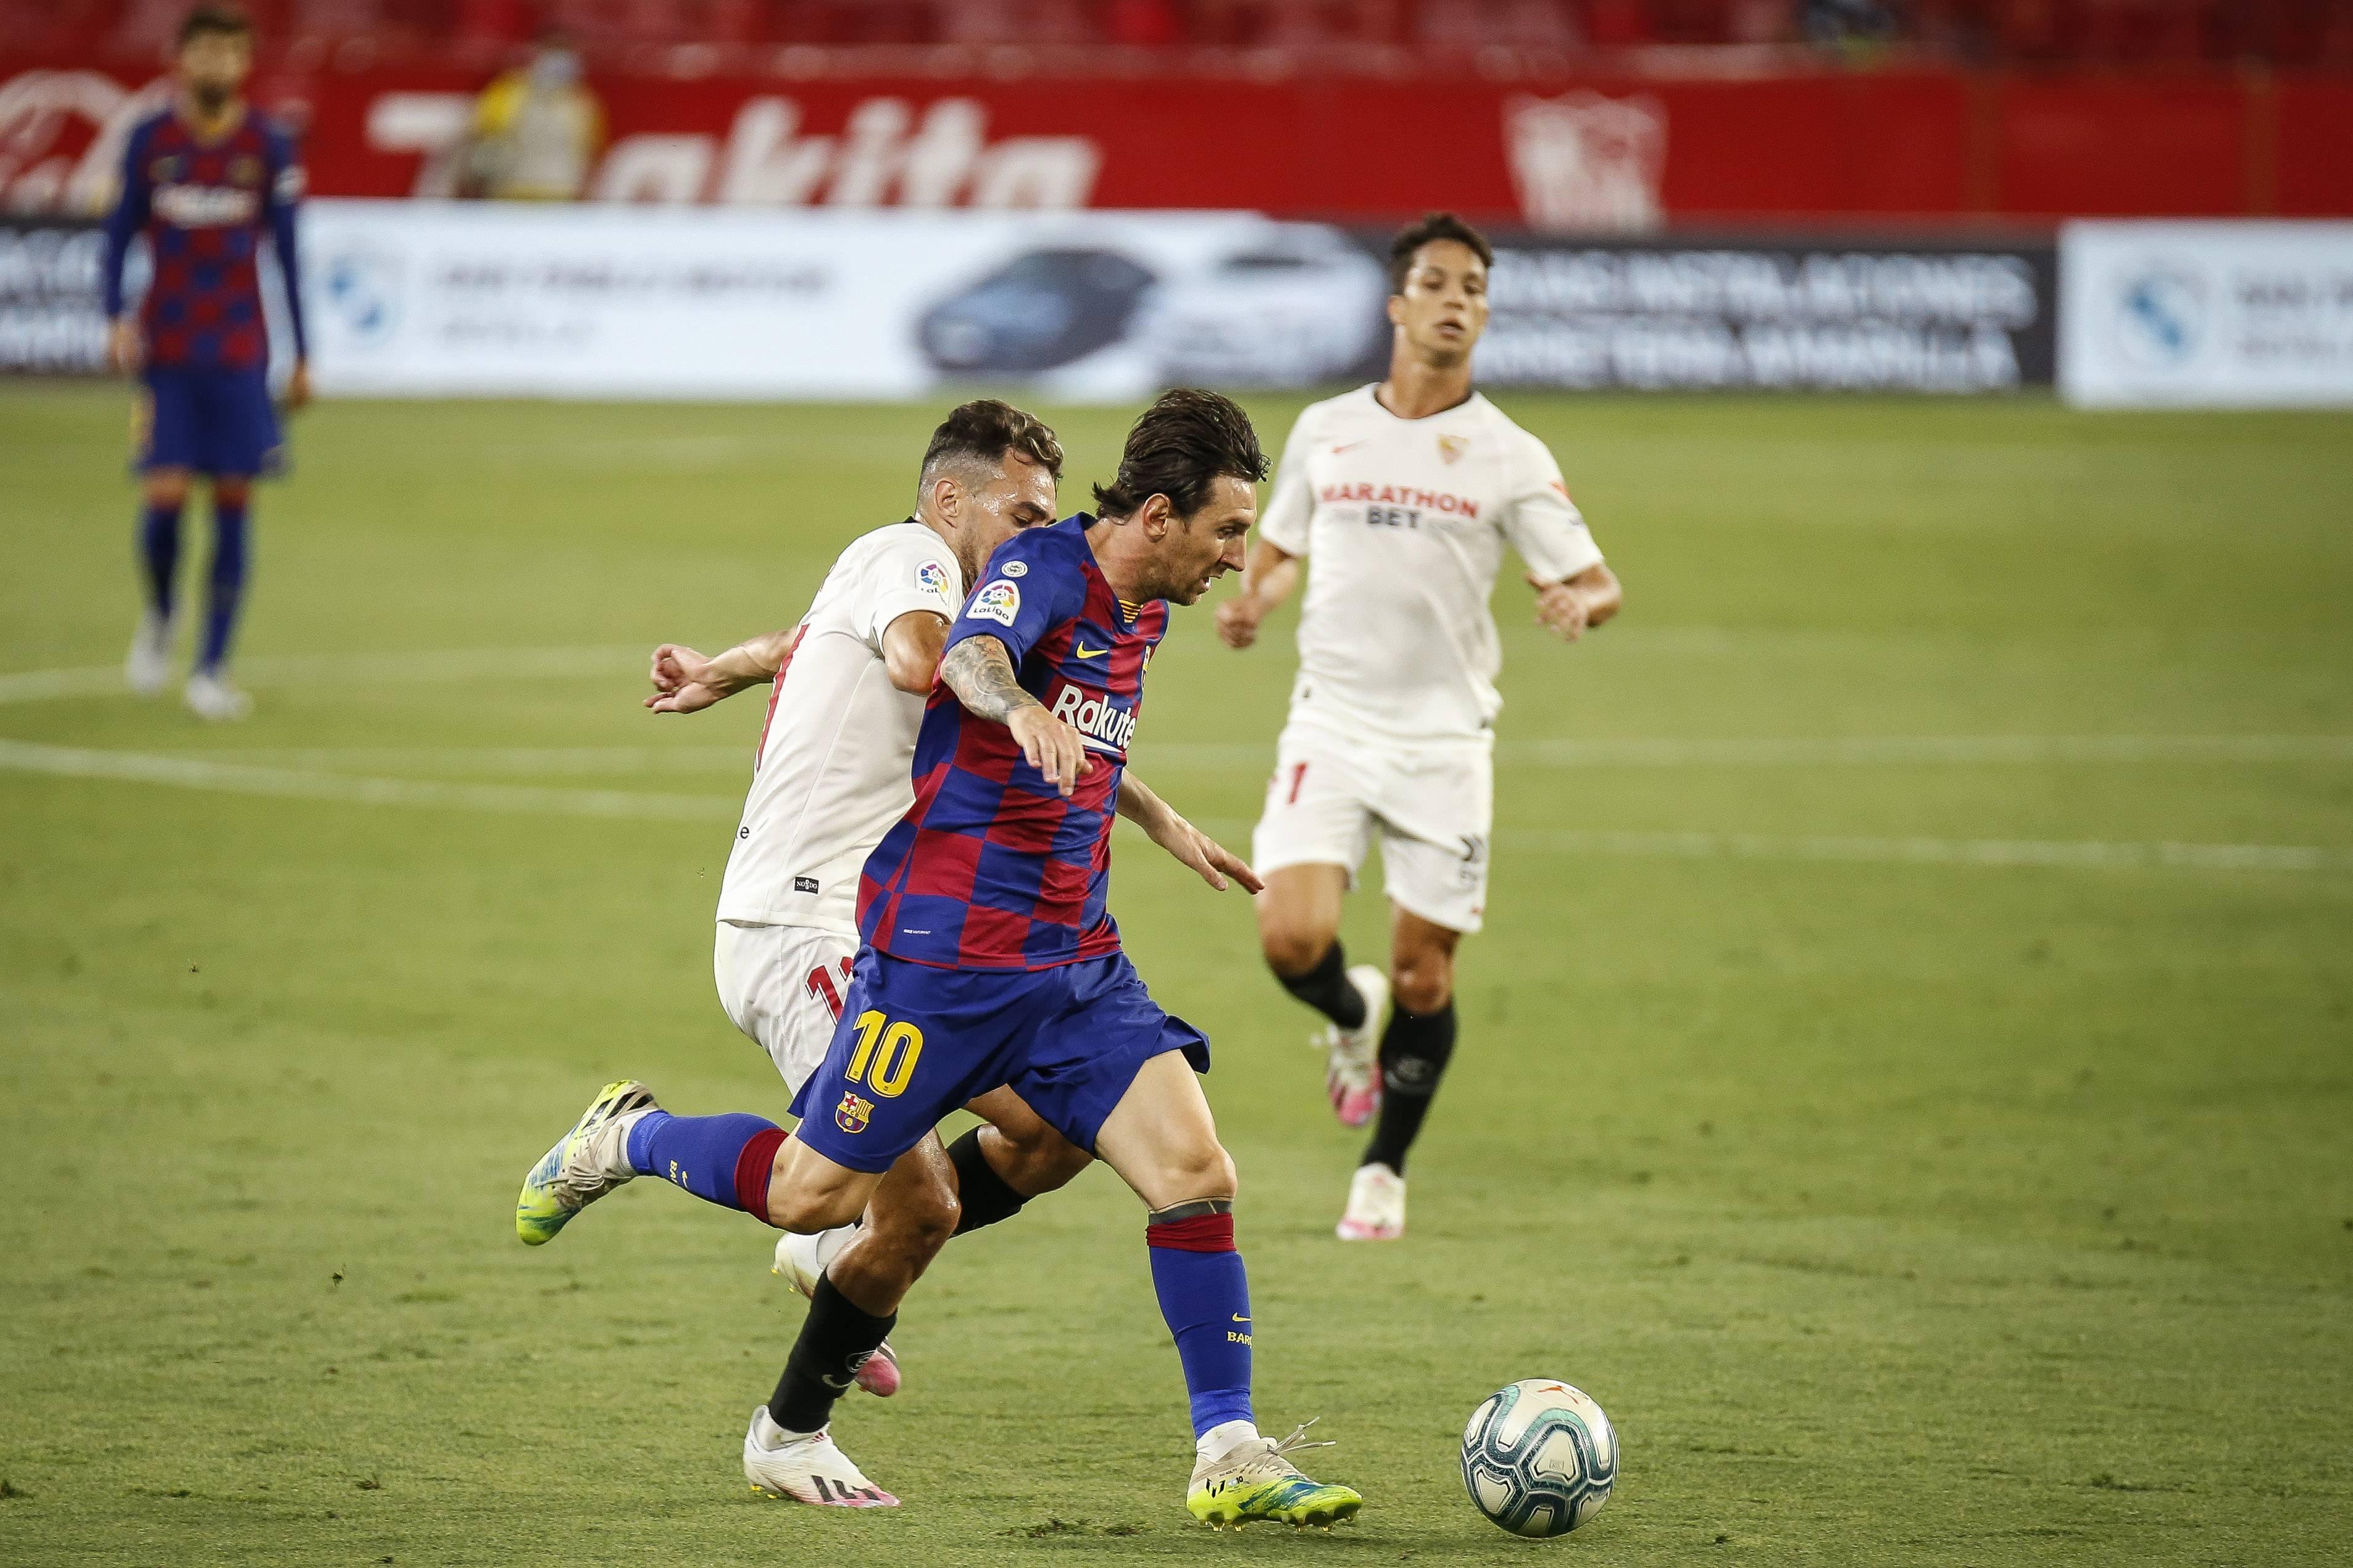 Barcelona suffer La Liga title blow in 0-0 Sevilla draw